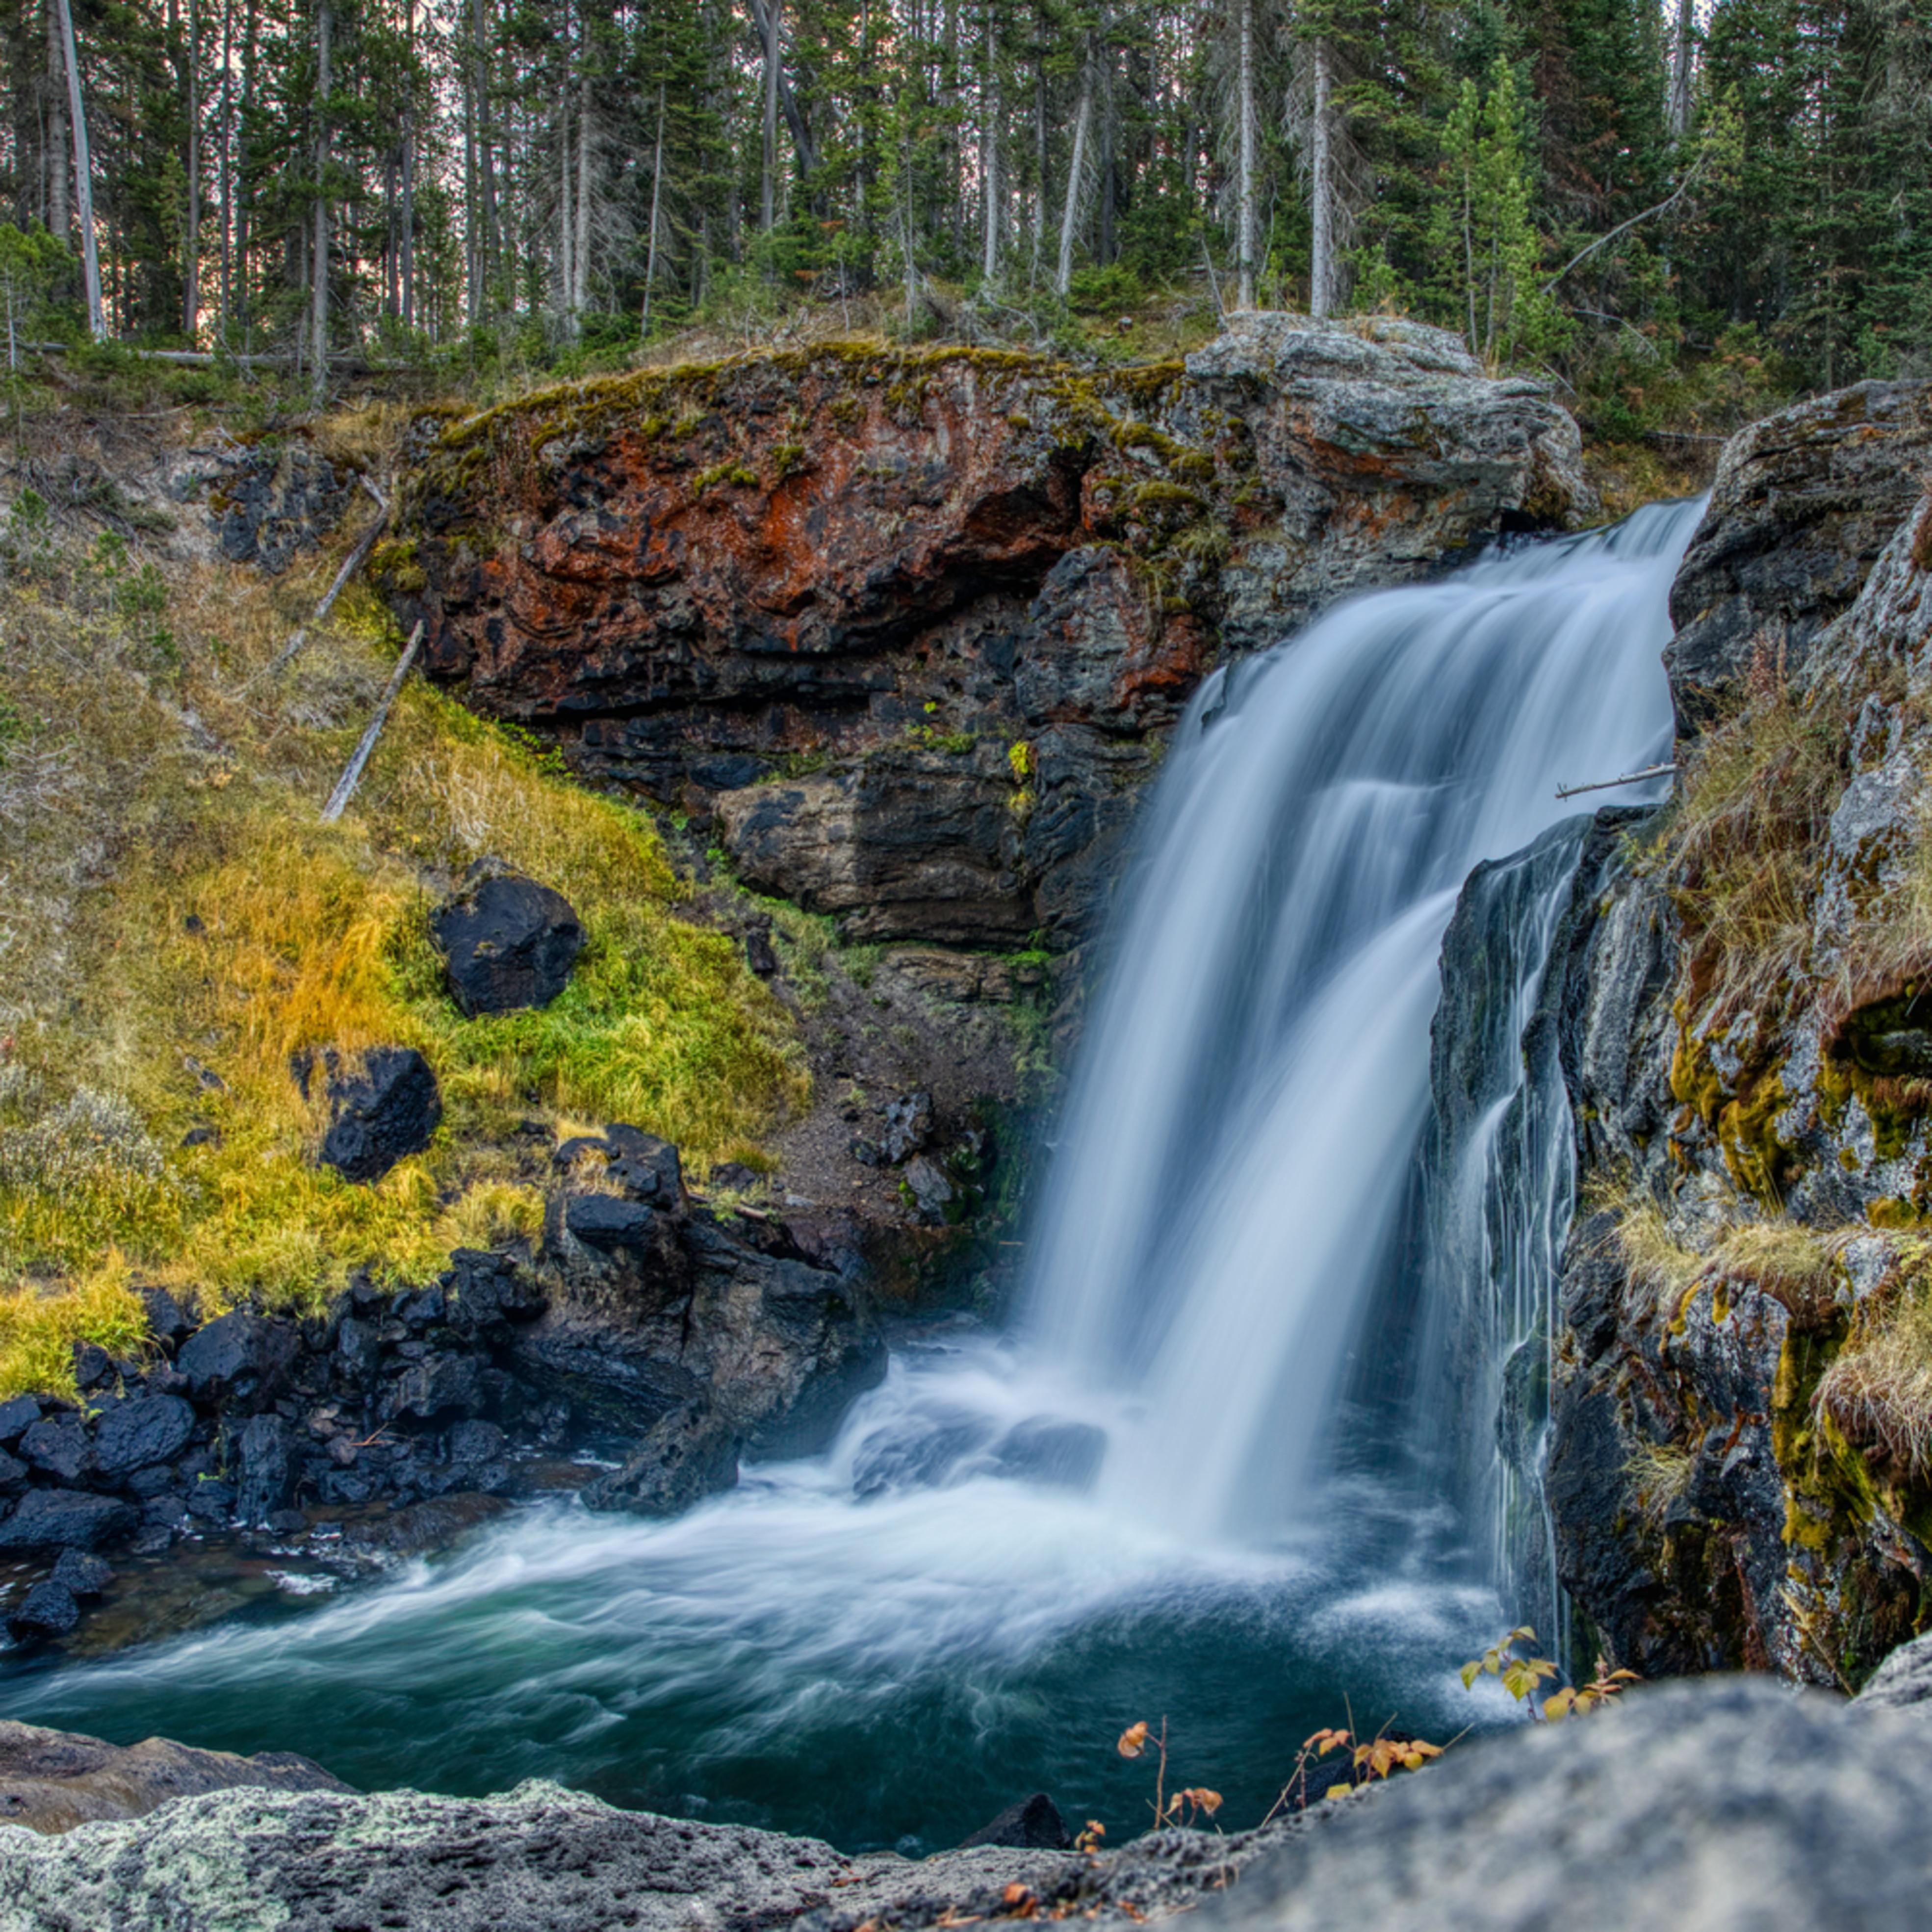 Waterfall ng 4428 edit sbpk9k